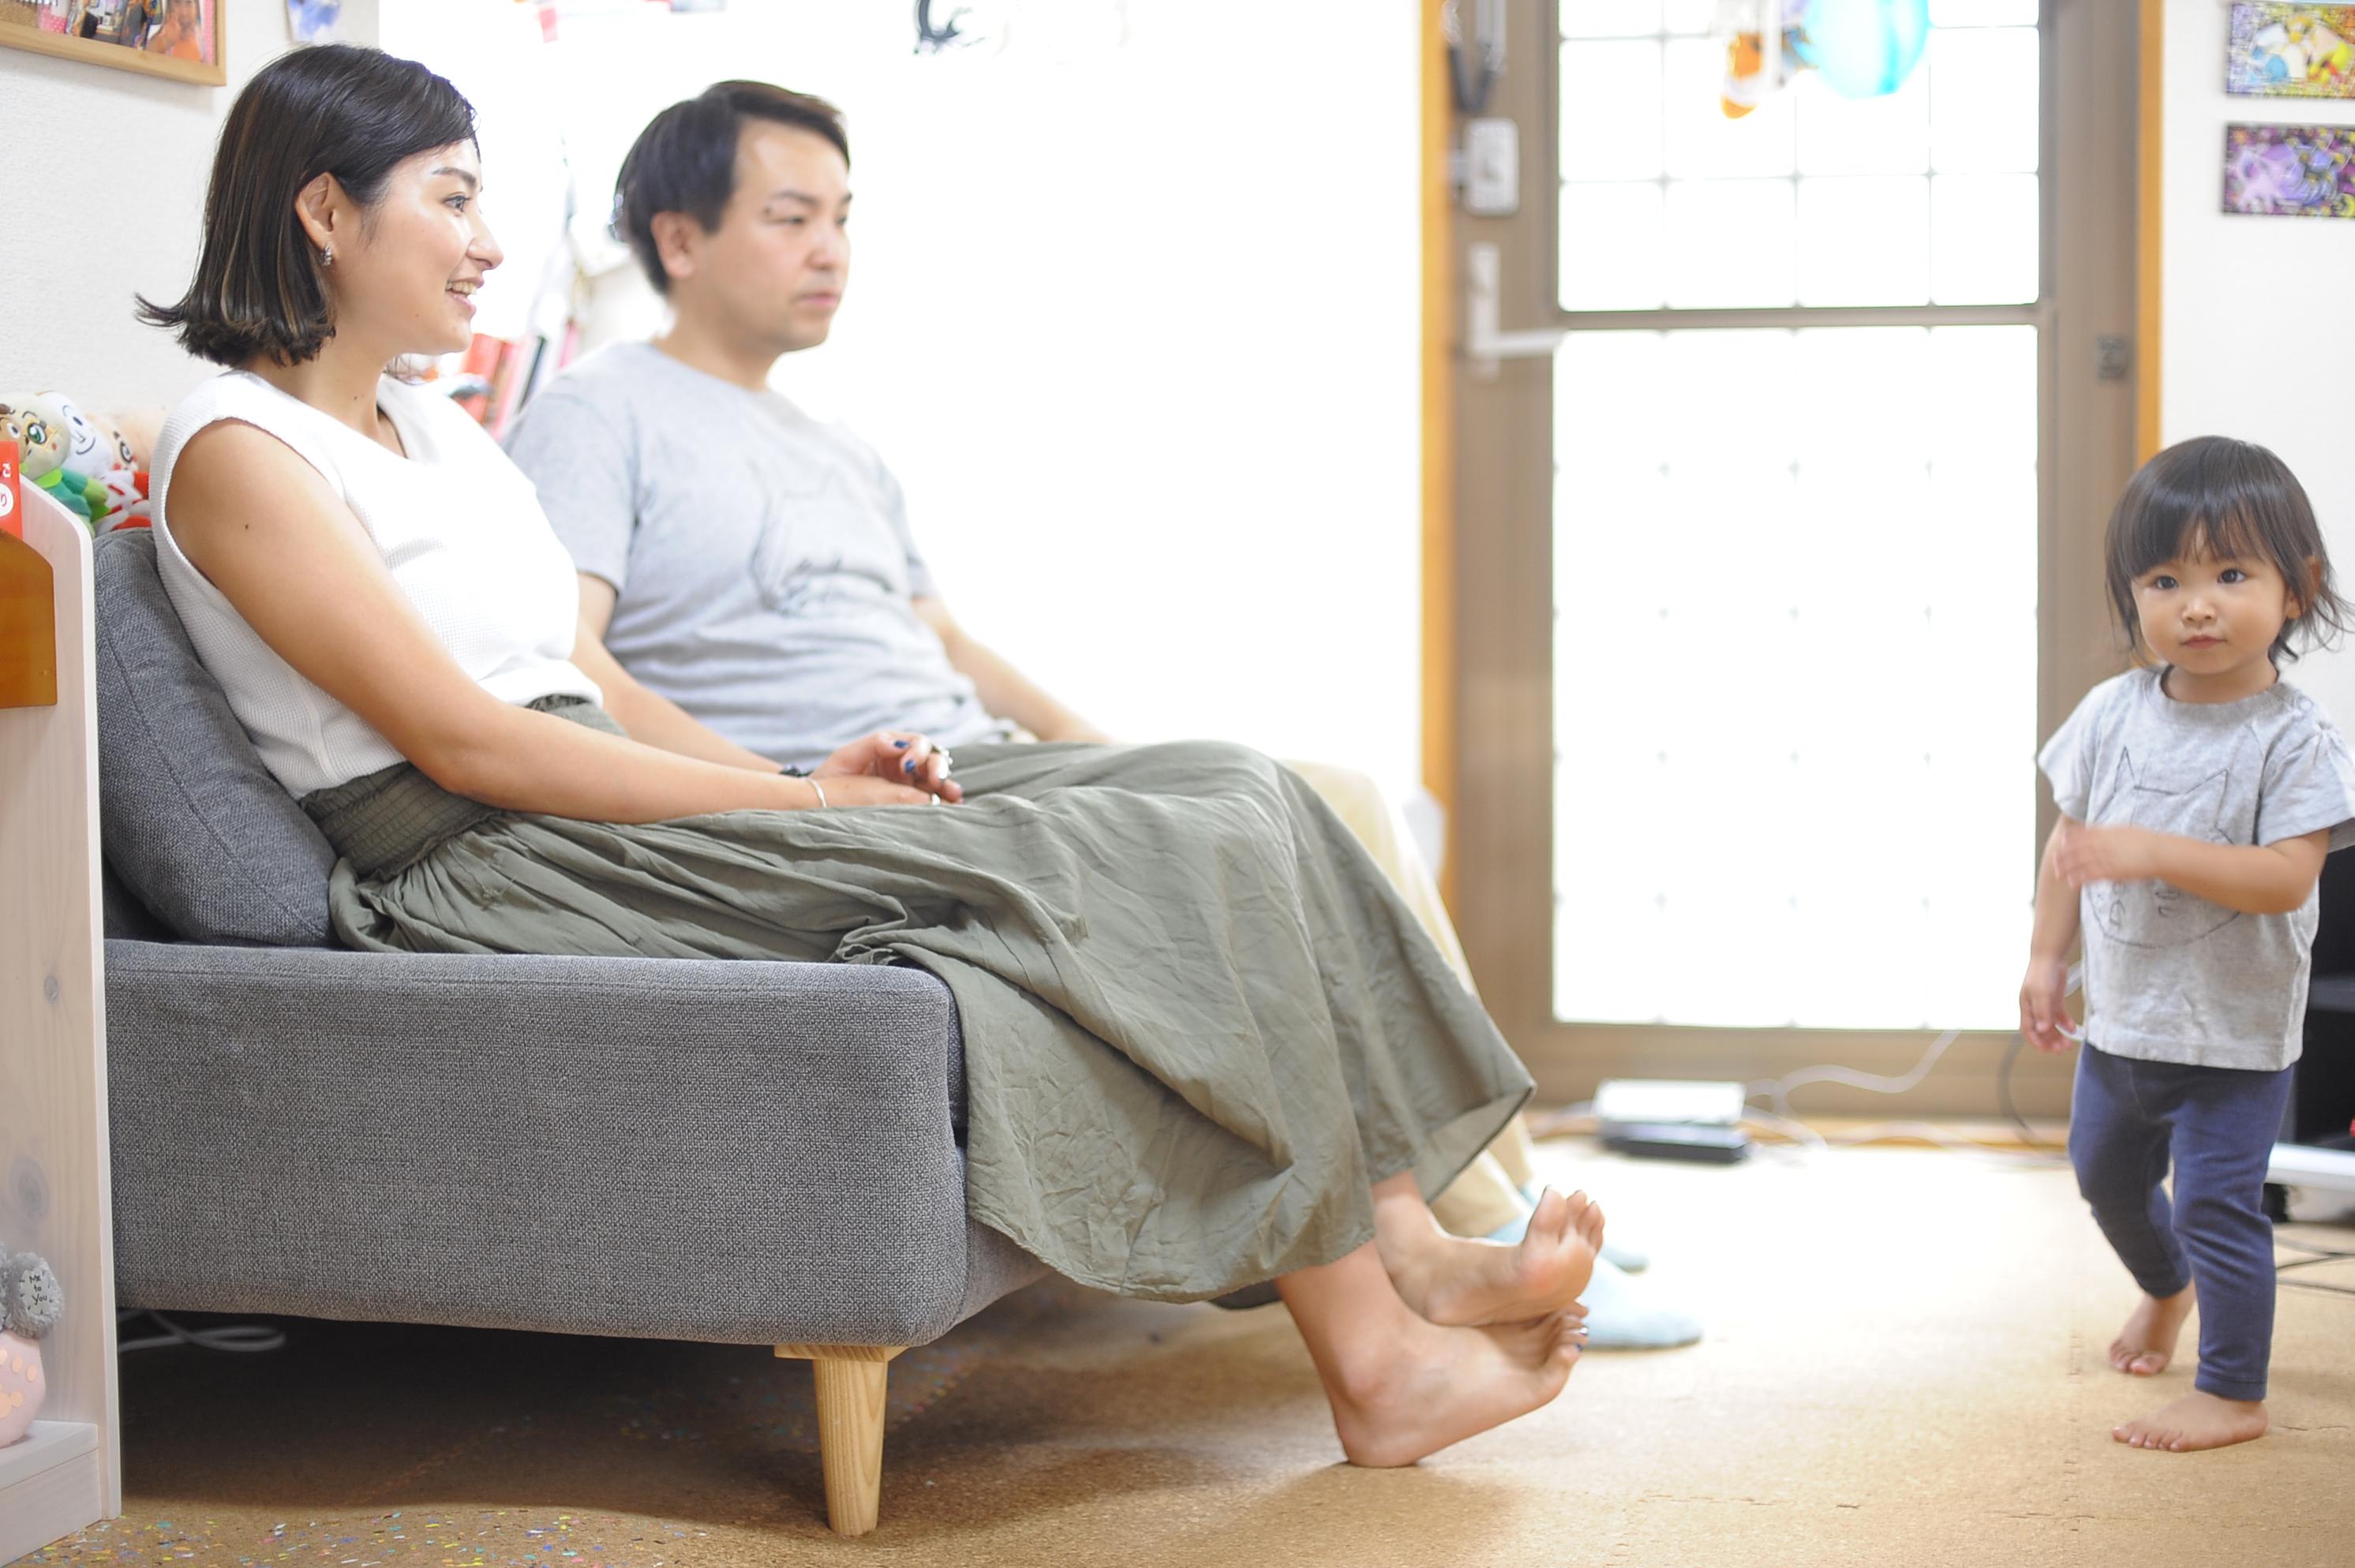 家族一緒の時間を大切にするために インテリア・家具で気を付けていること